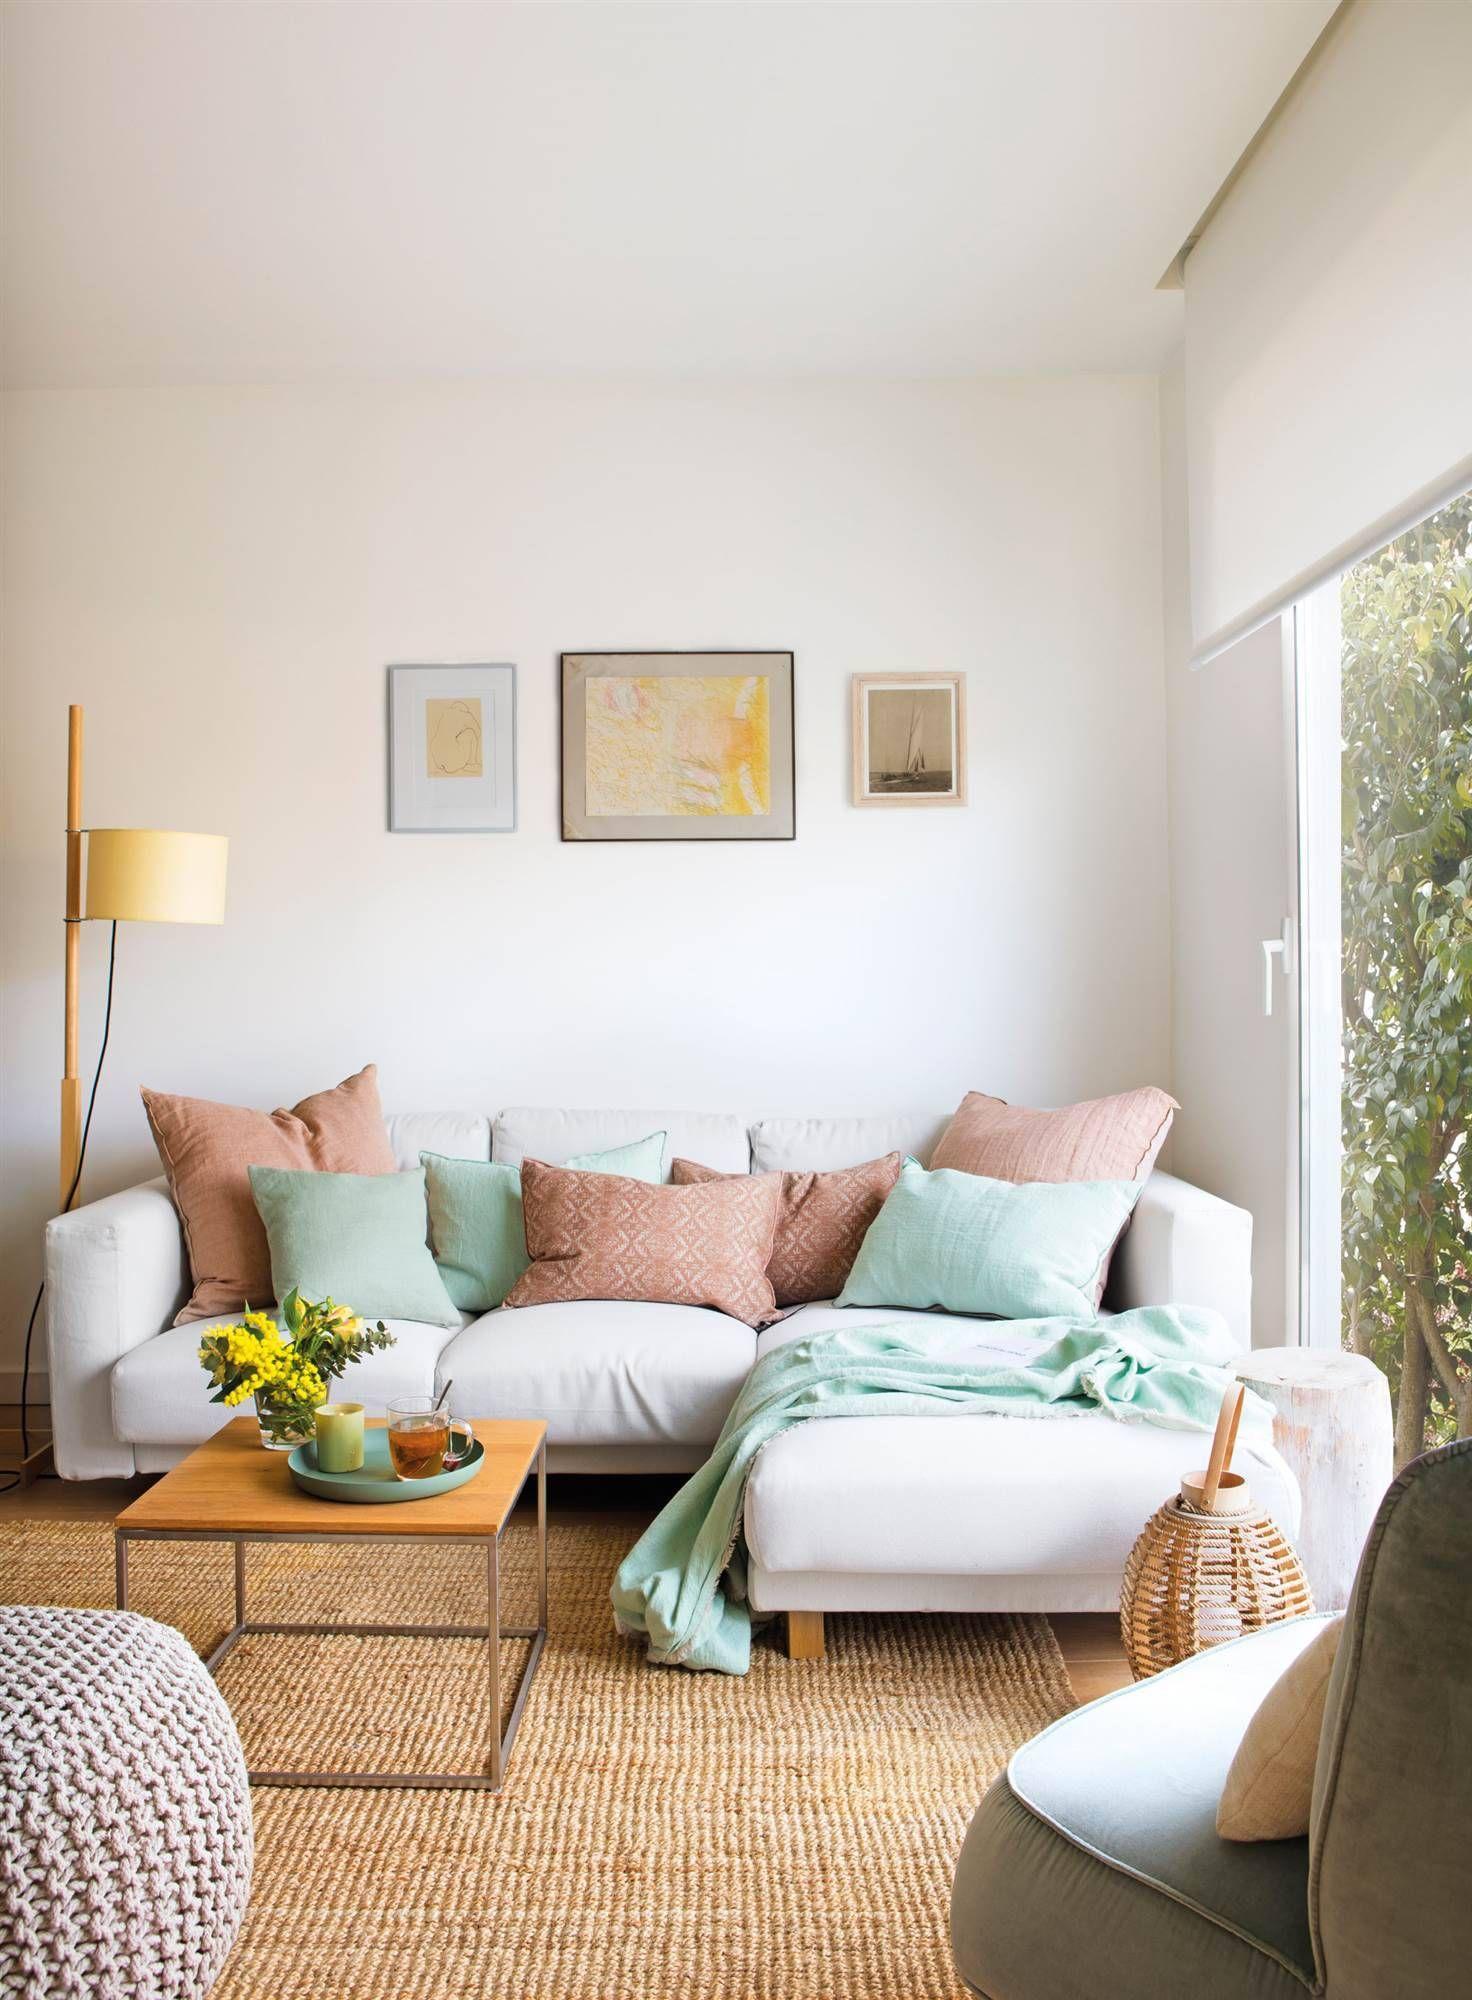 Un Salón Muy Bien Aprovechado Con Soluciones A Medida Decoracion De Interiores Salones Decoracion De Interiores Muebles Comodas